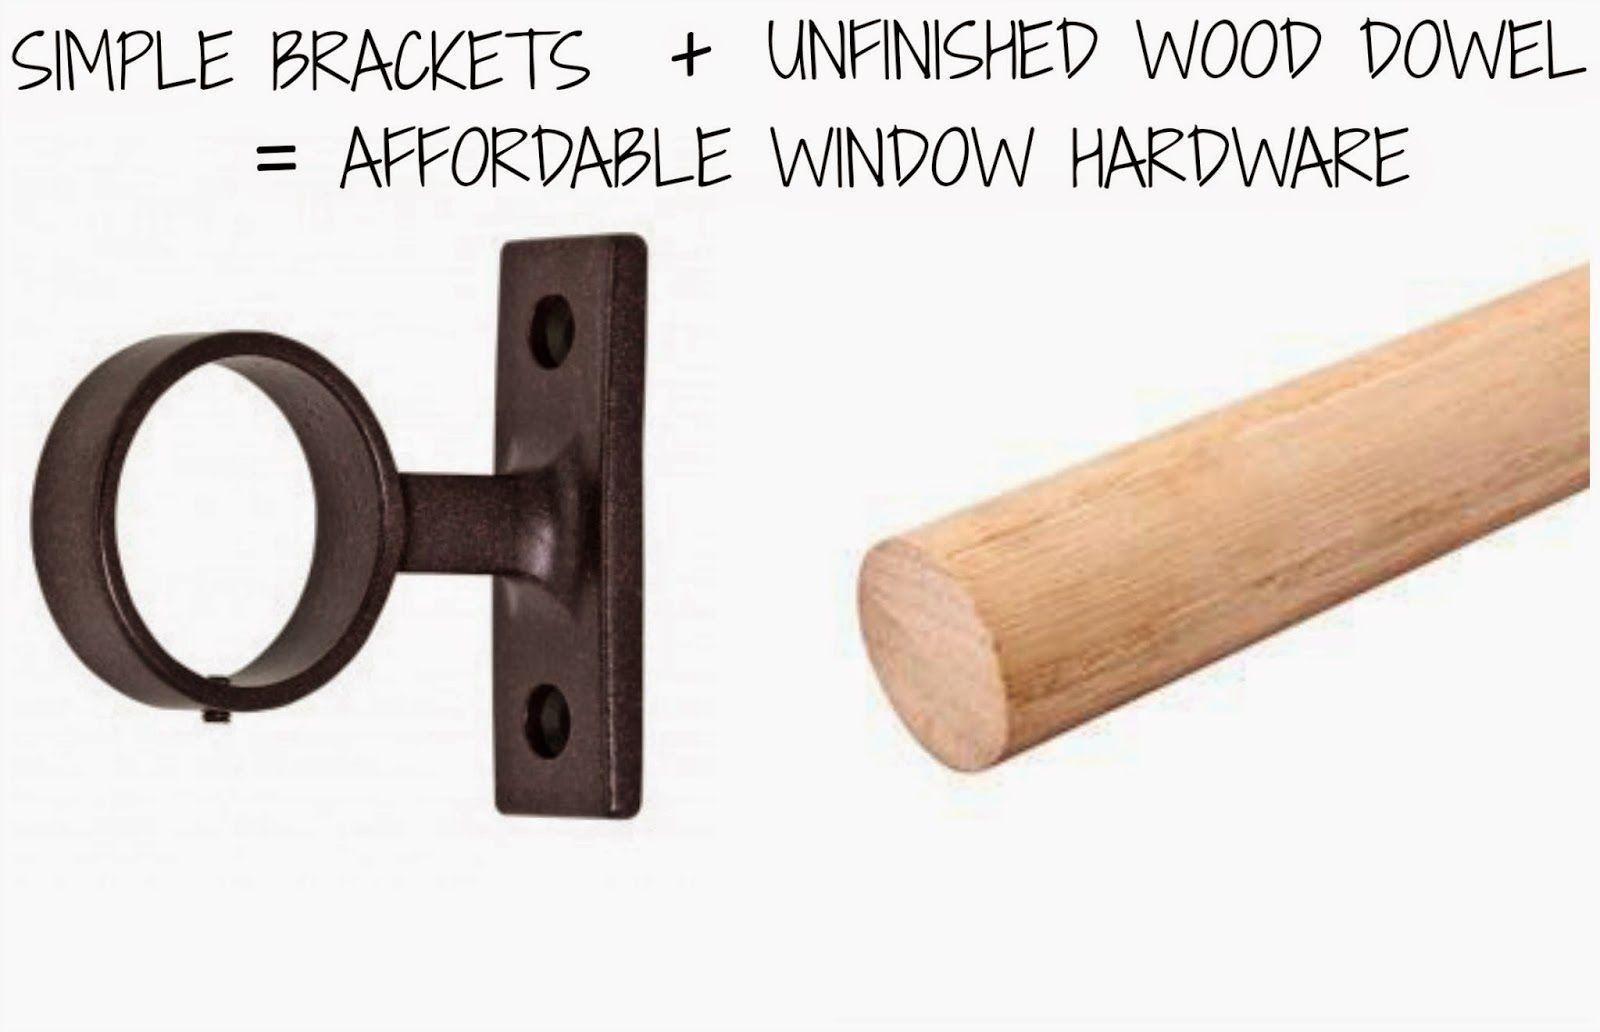 Bargain Curtain Rods Simple Hardware Wood Poles Rosa Beltran Design Blog Diyhomed Gardinenstangenhalter Gardinenstangen Aus Holz Selbstgemachte Vorhange